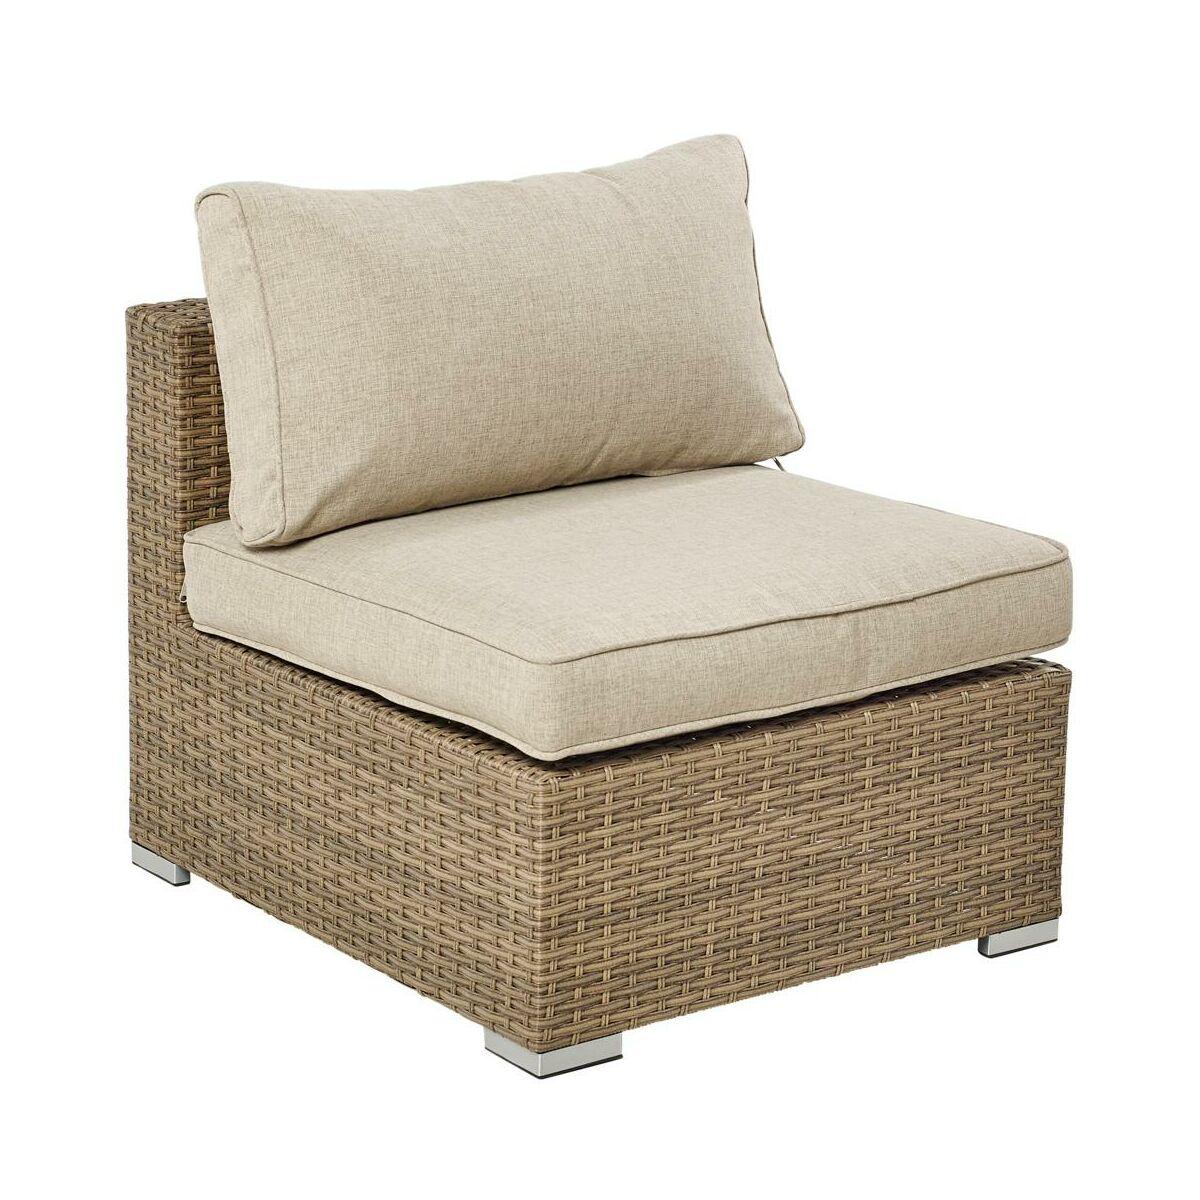 Fotel Ogrodowy Santorini Technorattanowy Brazowy Naterial Krzesla Fotele Lawki Ogrodowe W Atrakcyjnej Cenie W Sklepach Leroy Merlin